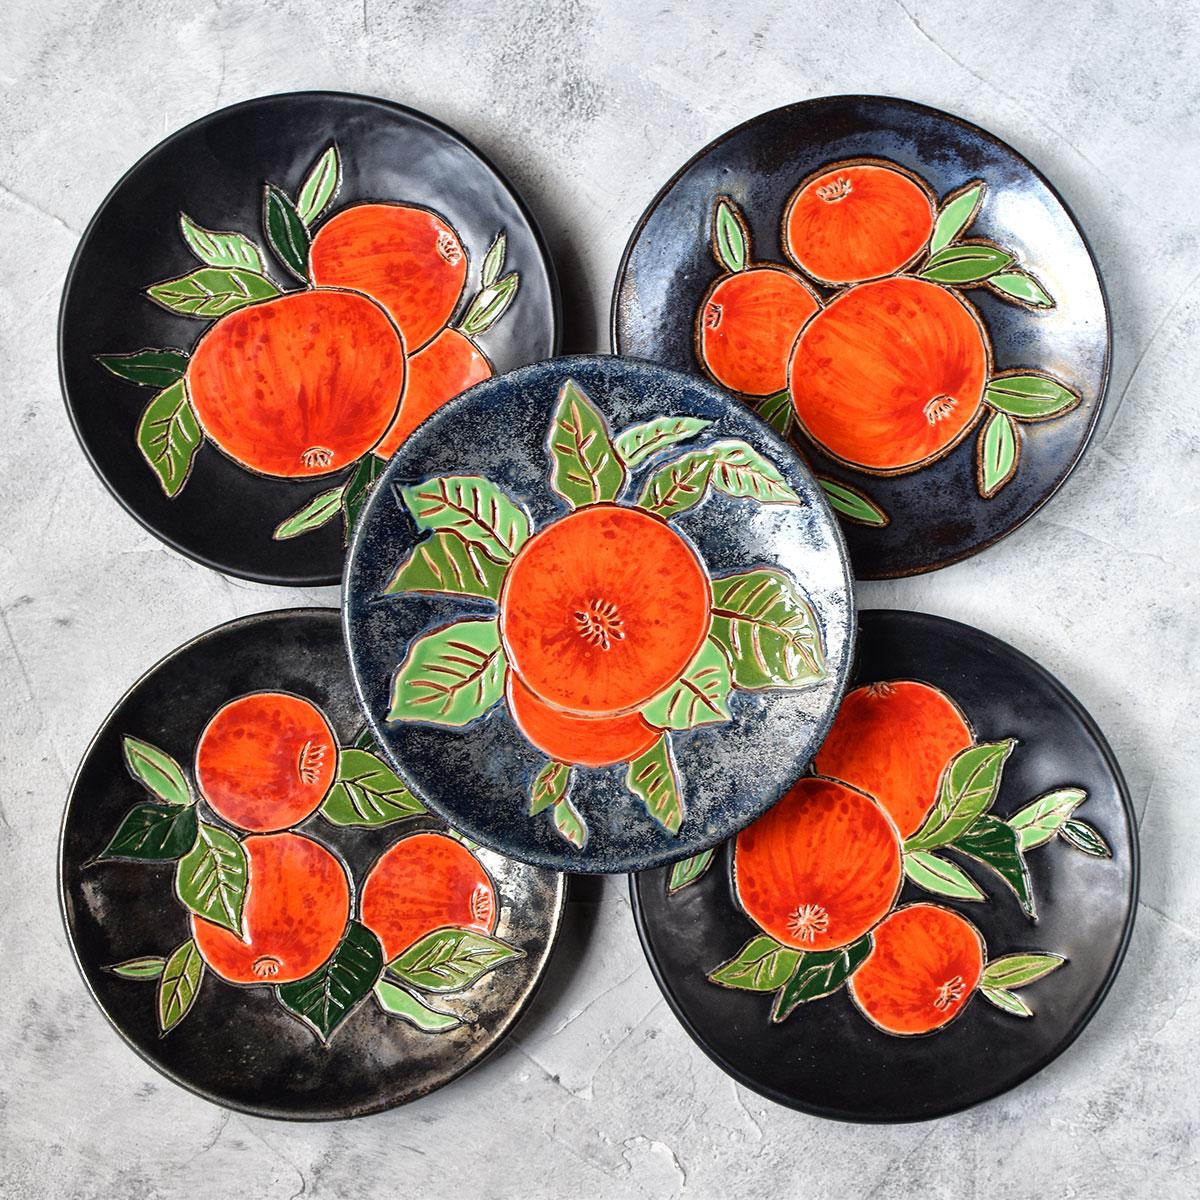 """картинка Керамическая тарелка """"Сочные фрукты"""" - DishWishes.Ru"""